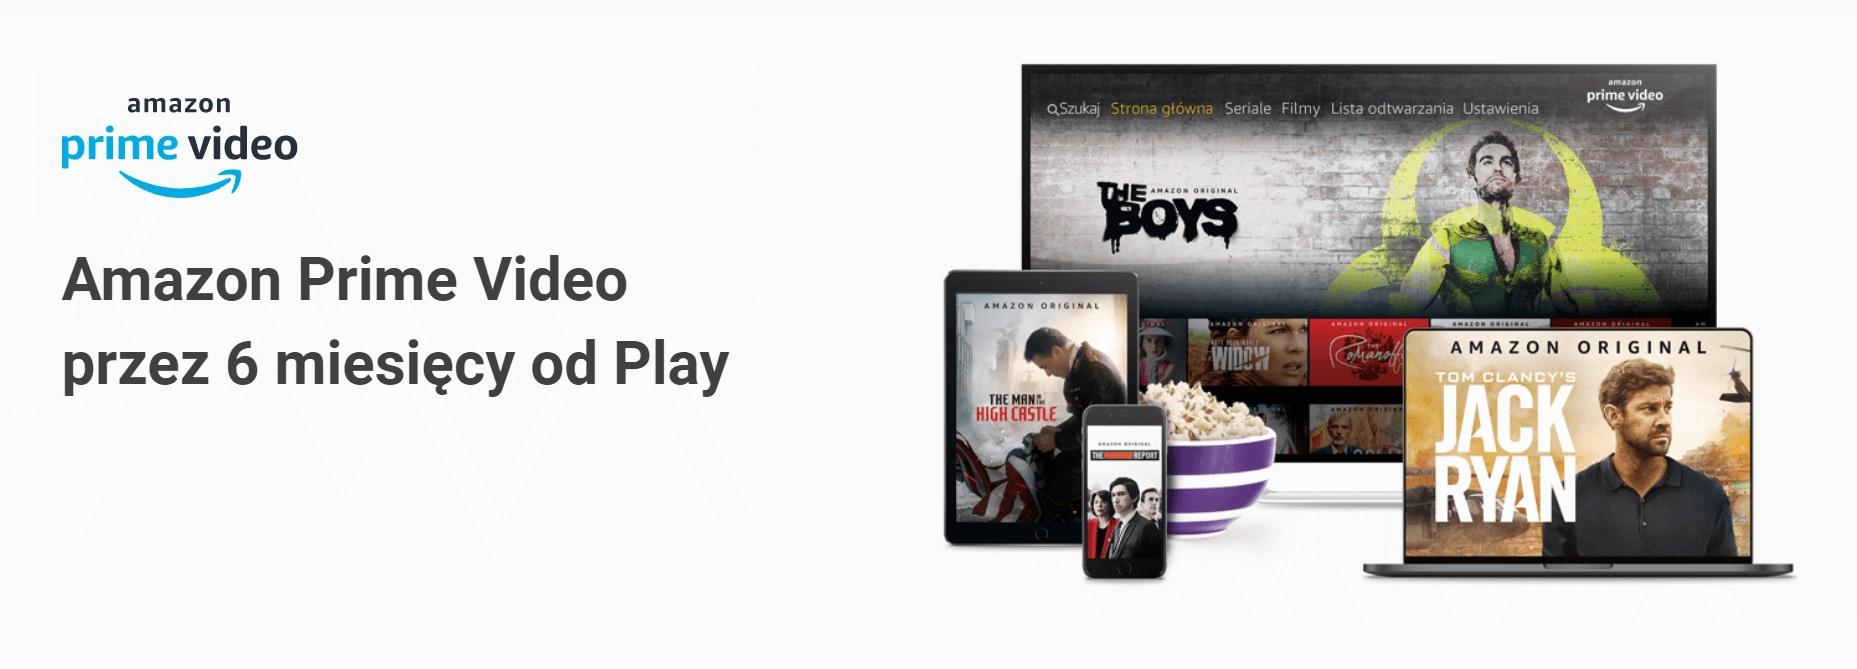 Amazon Prime Video Play